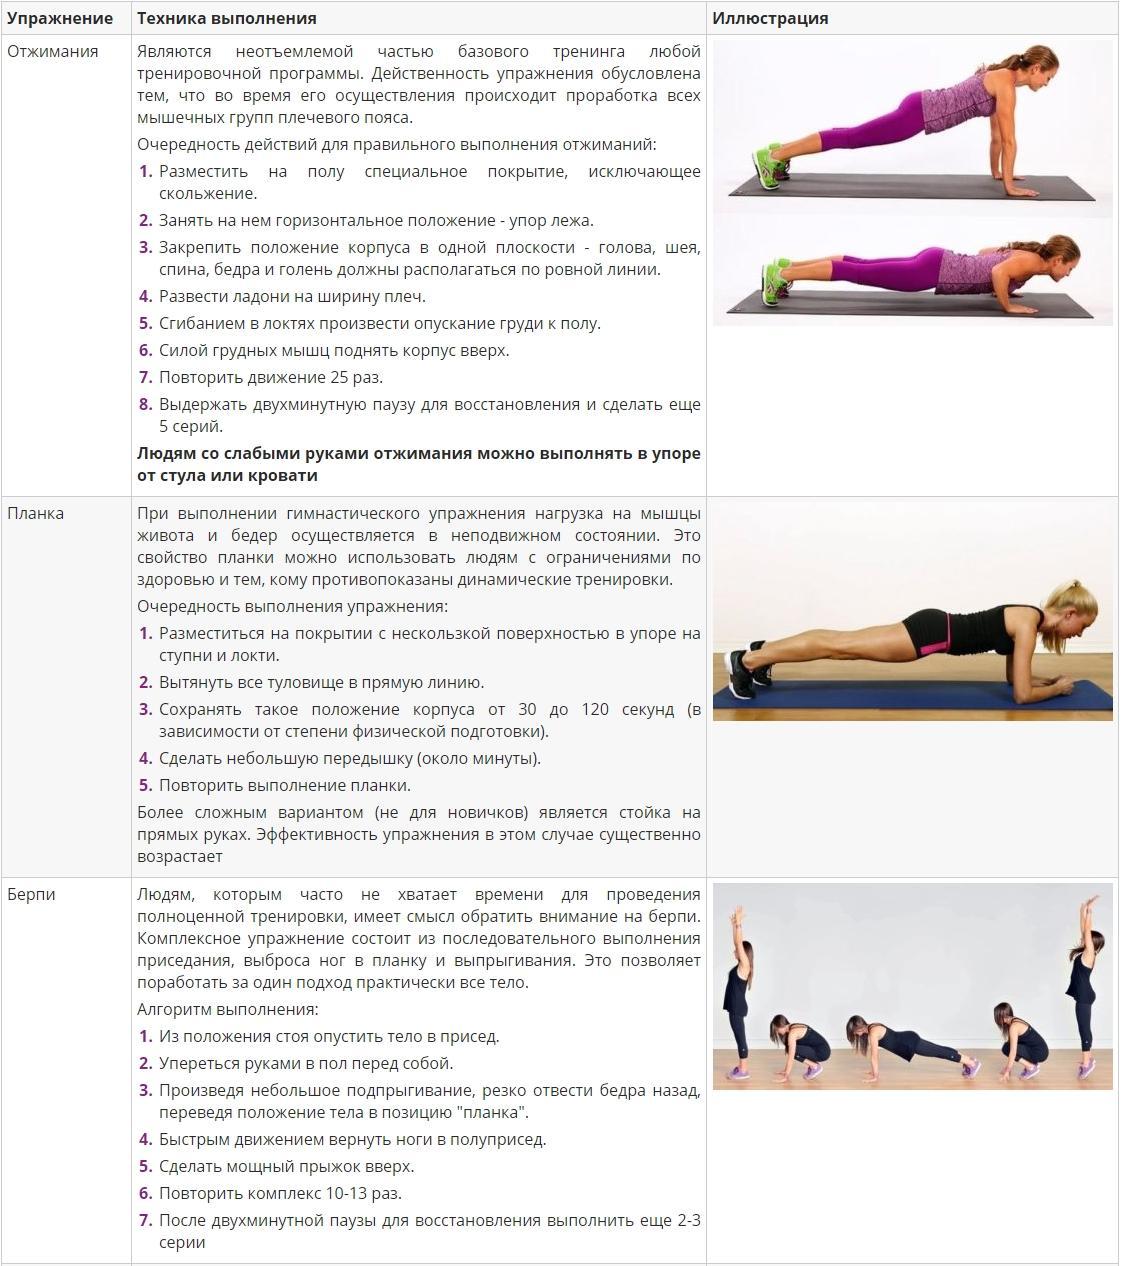 Комплекс эффективных упражнений для похудения дома 1